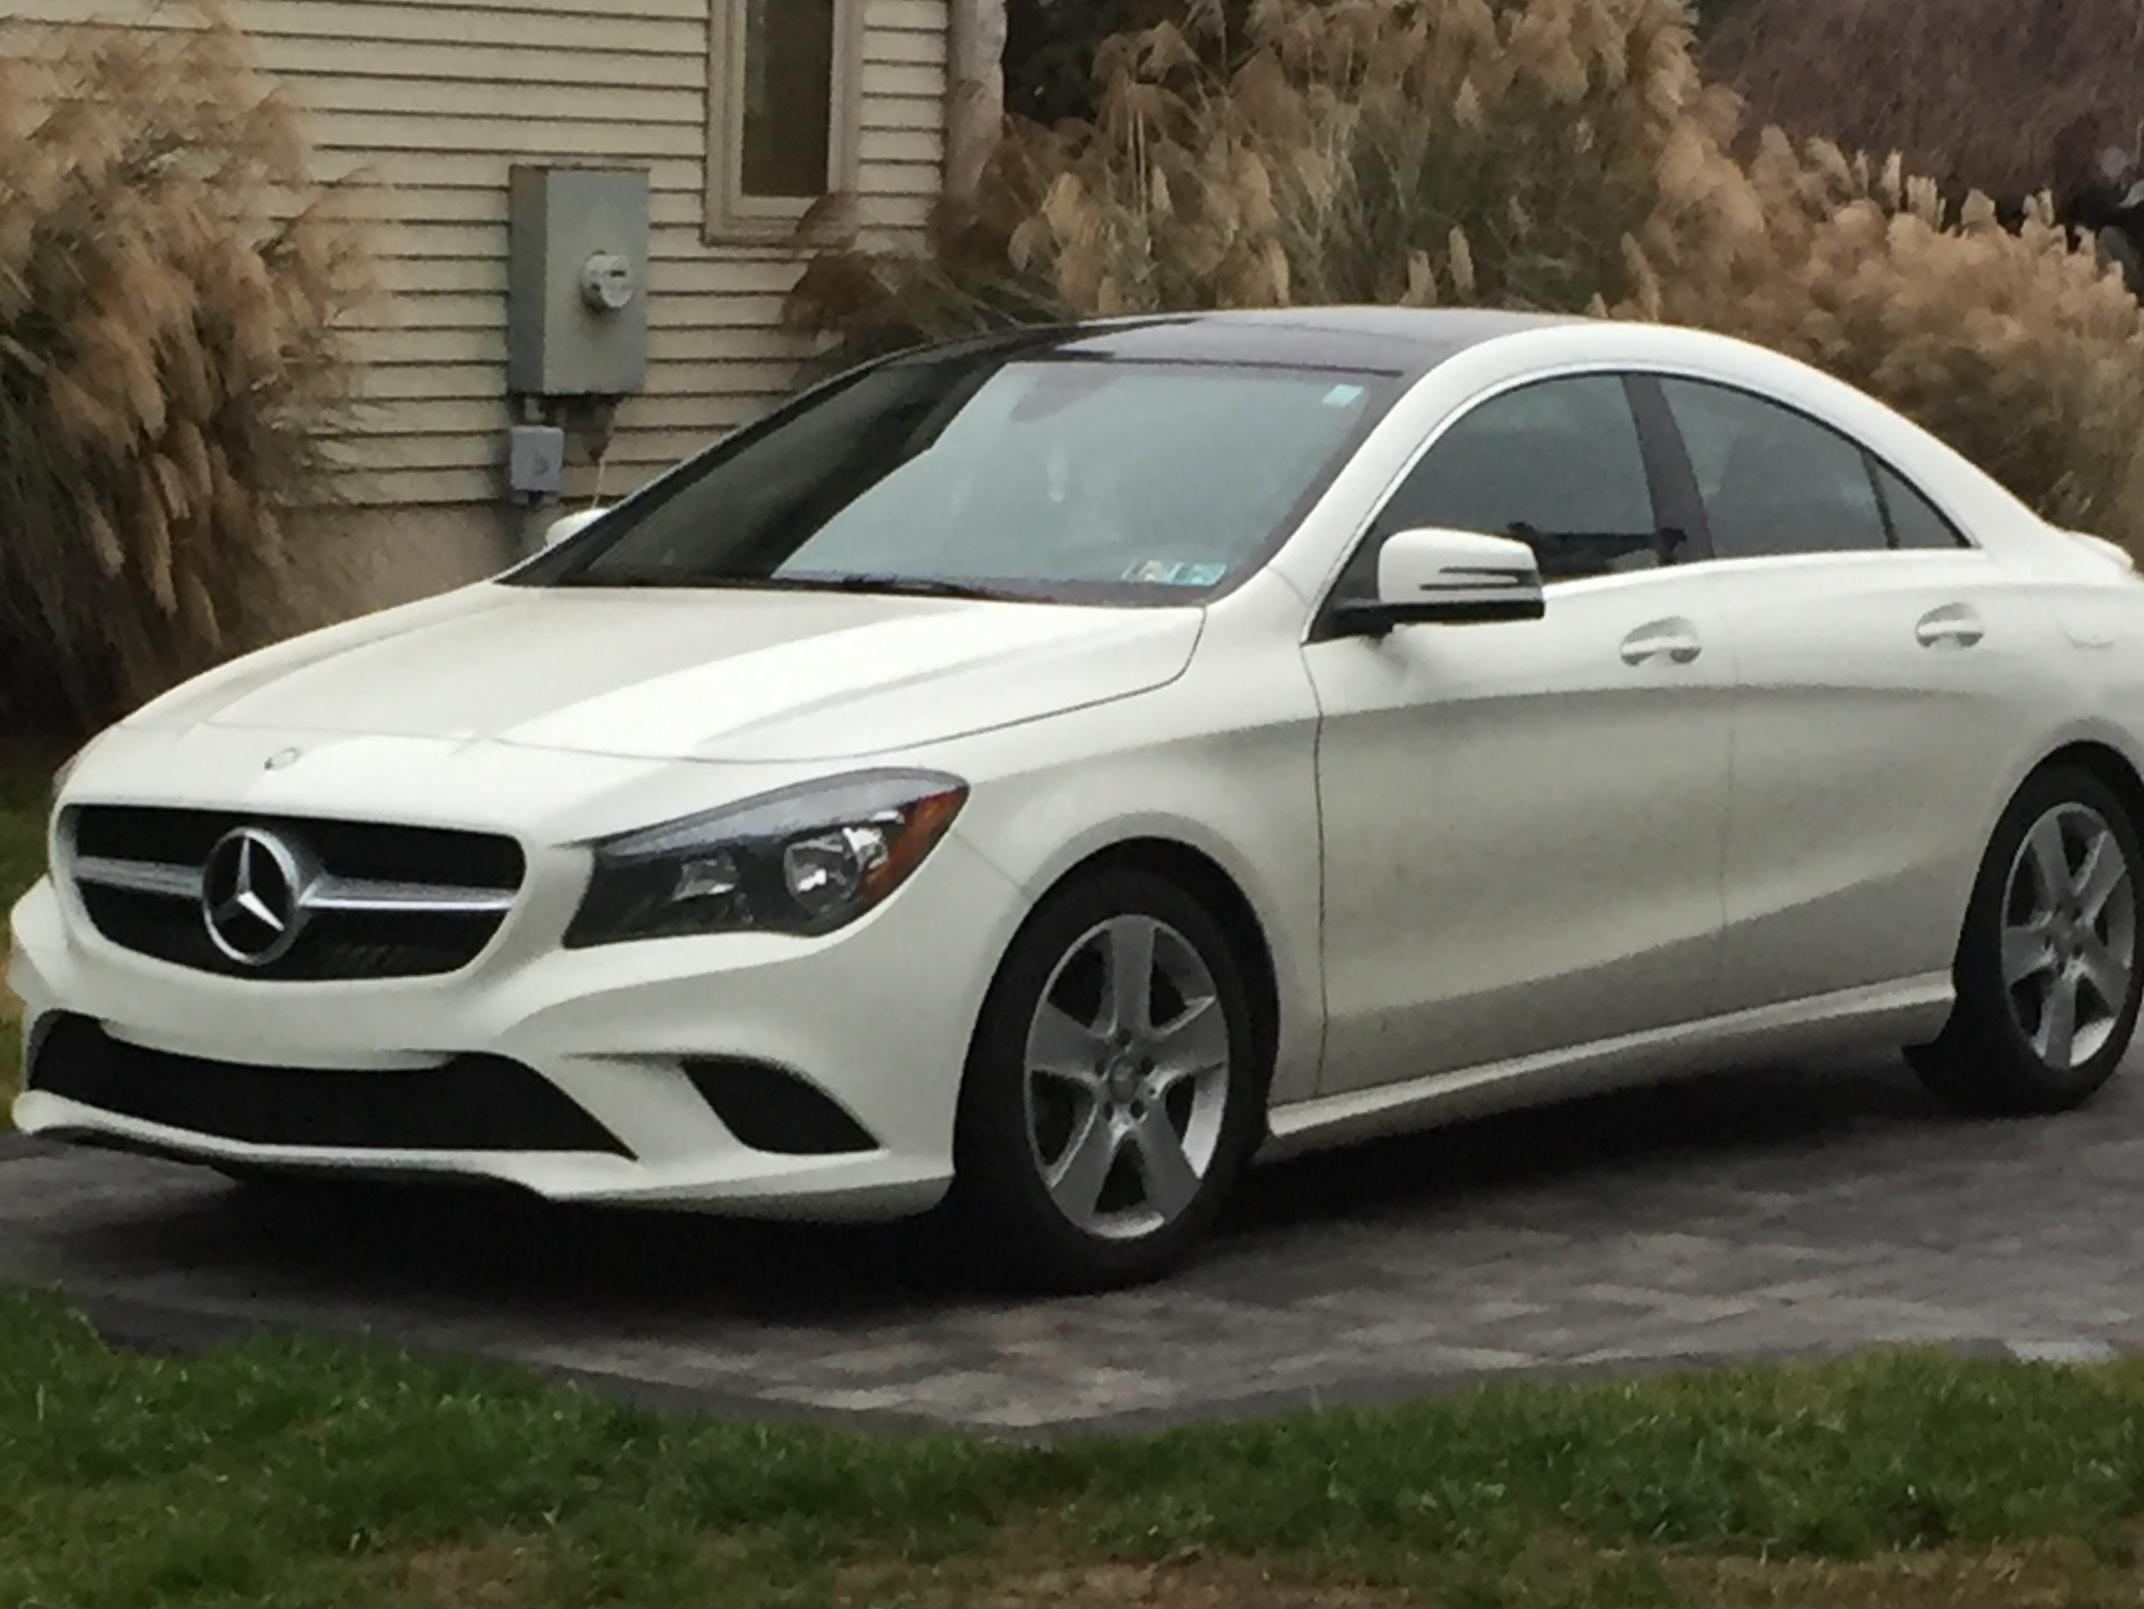 Ogłoszenie darmowe. Lokalizacja:  Trenton. KUPIĘ / SPRZEDAM - Motoryzacja. Sprzedam Mercedes cla250. Rok 2016.